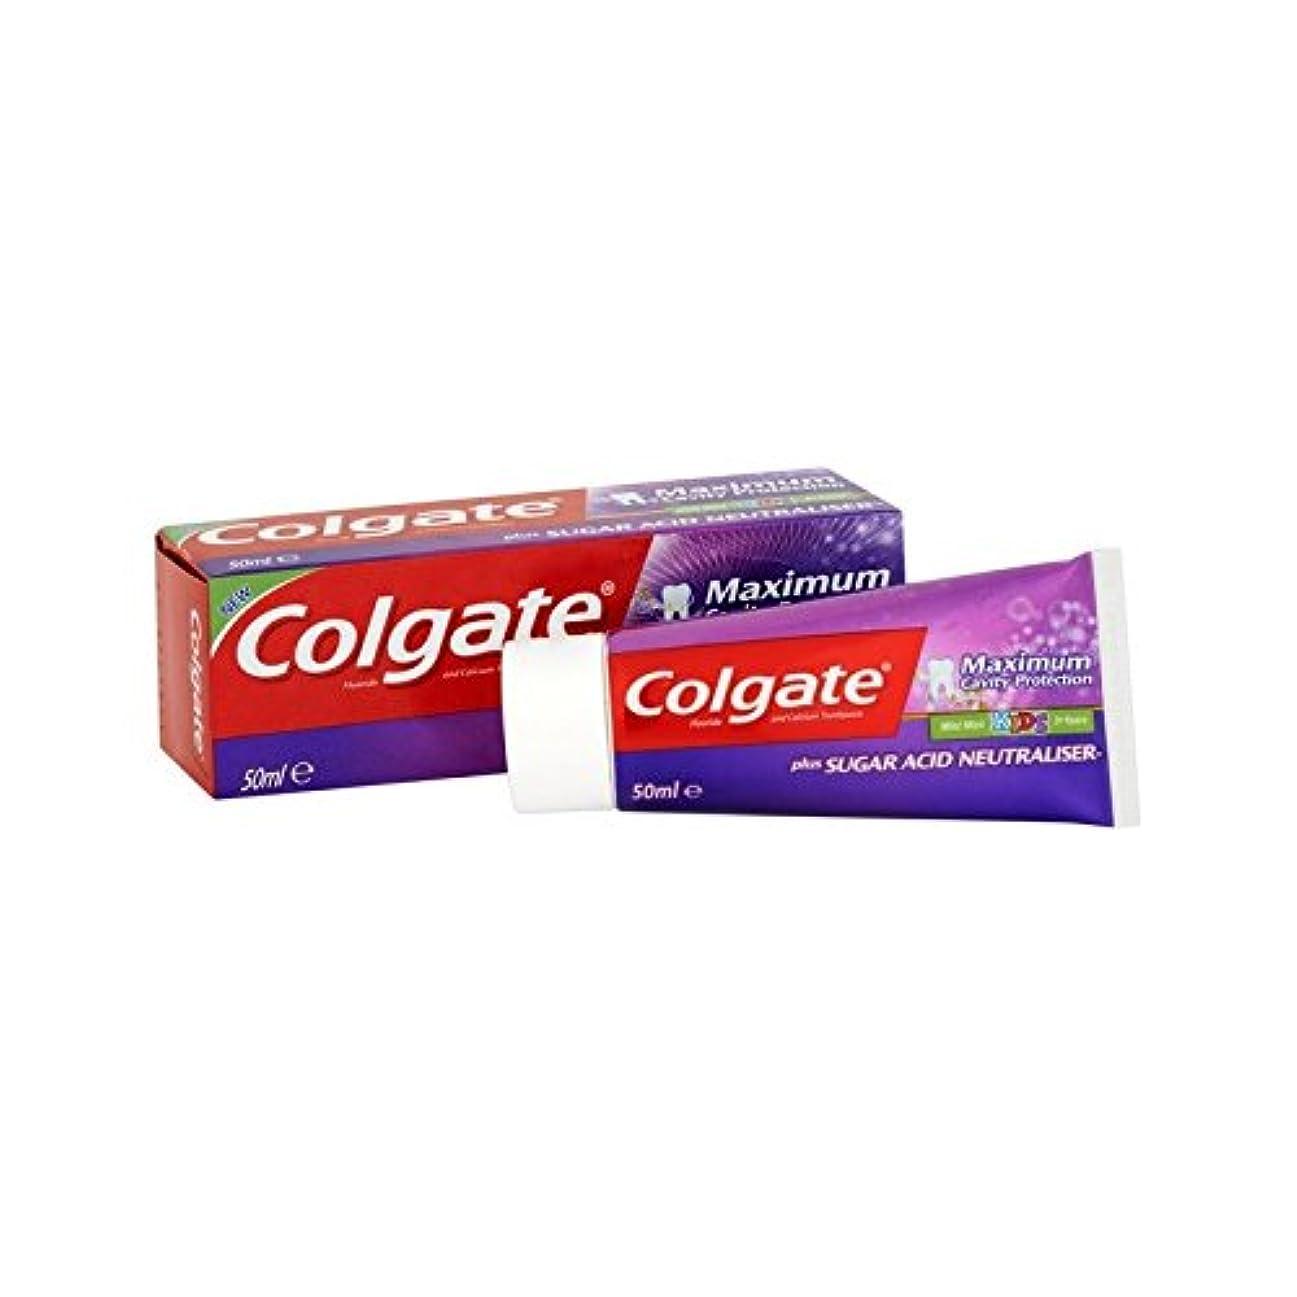 落ち着かない血統取り組む最大空洞の子供の50ミリリットルを保護 (Colgate) - Colgate Maximum Cavity Protect Kids 50ml [並行輸入品]